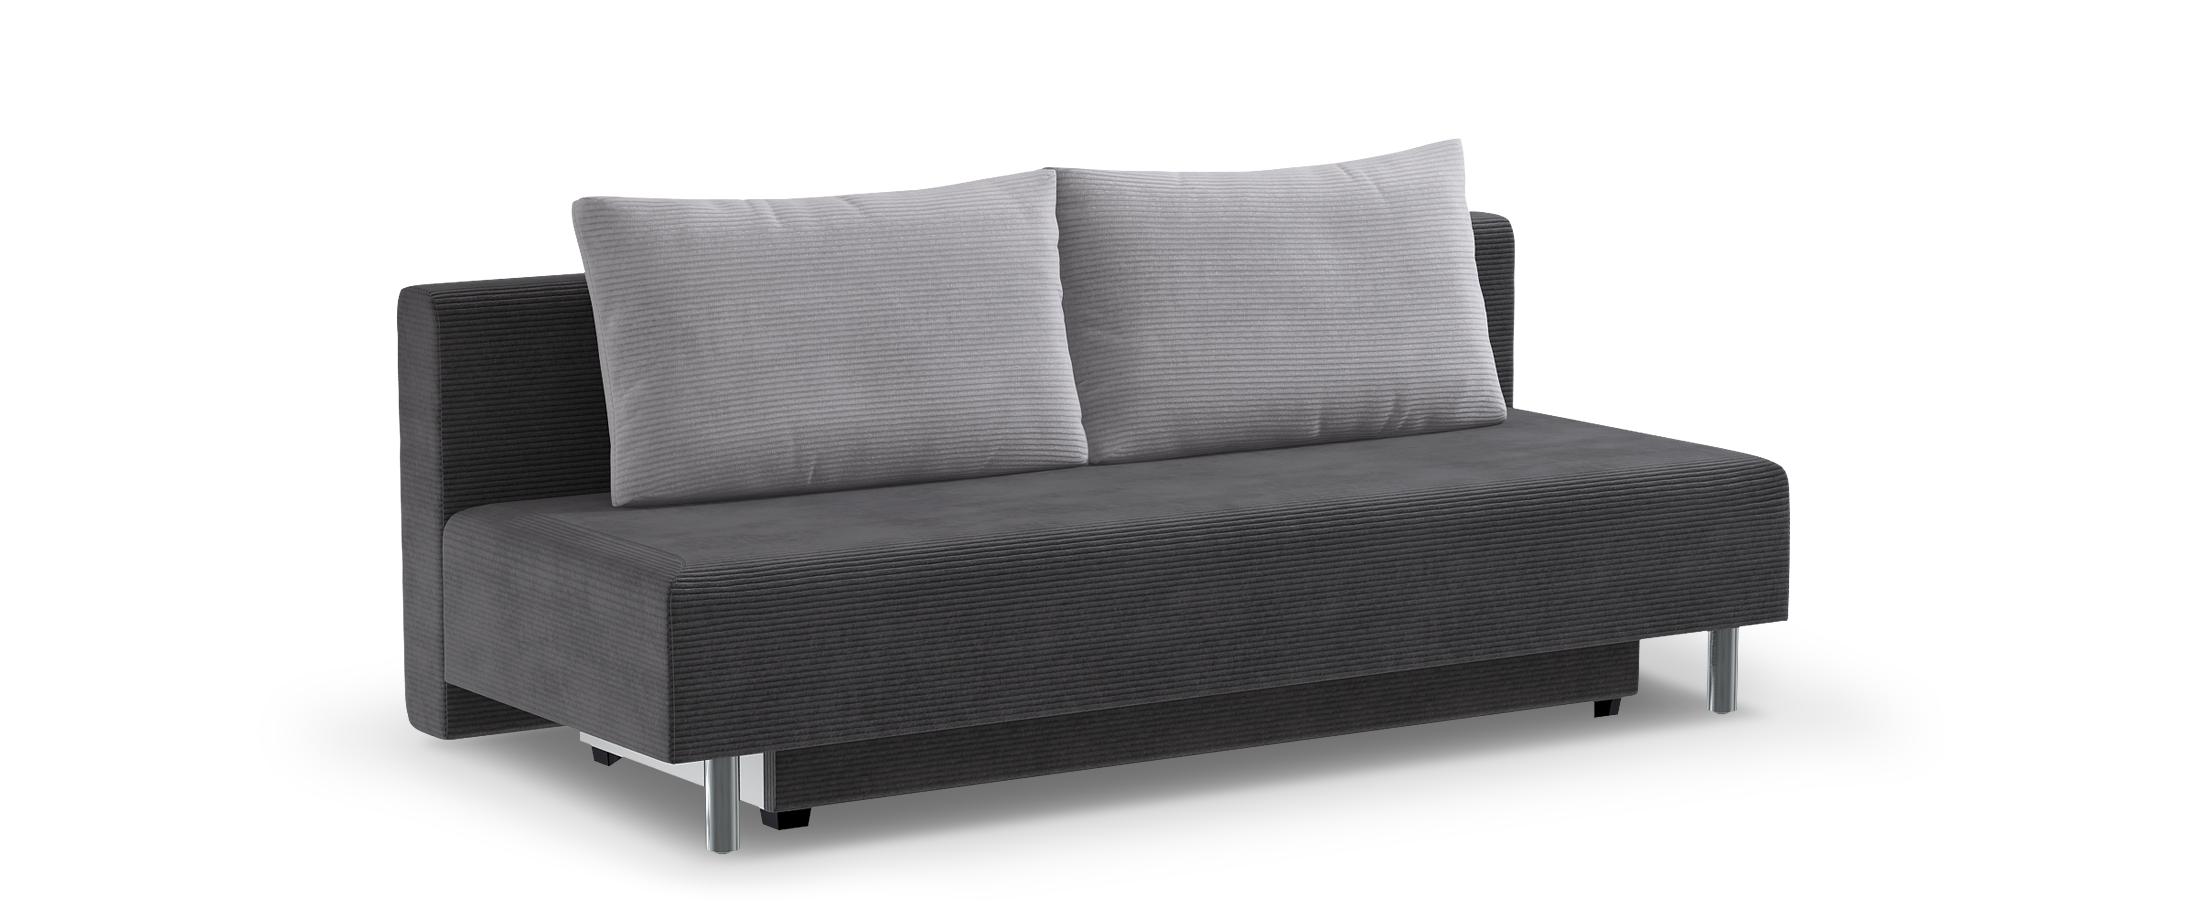 Диван прямой еврокнижка Парма 049Гостевой вариант и полноценное спальное место. Размеры 205х88х87 см. Купить серый диван еврокнижка в интернет-магазине MOON-TRADE.RU.